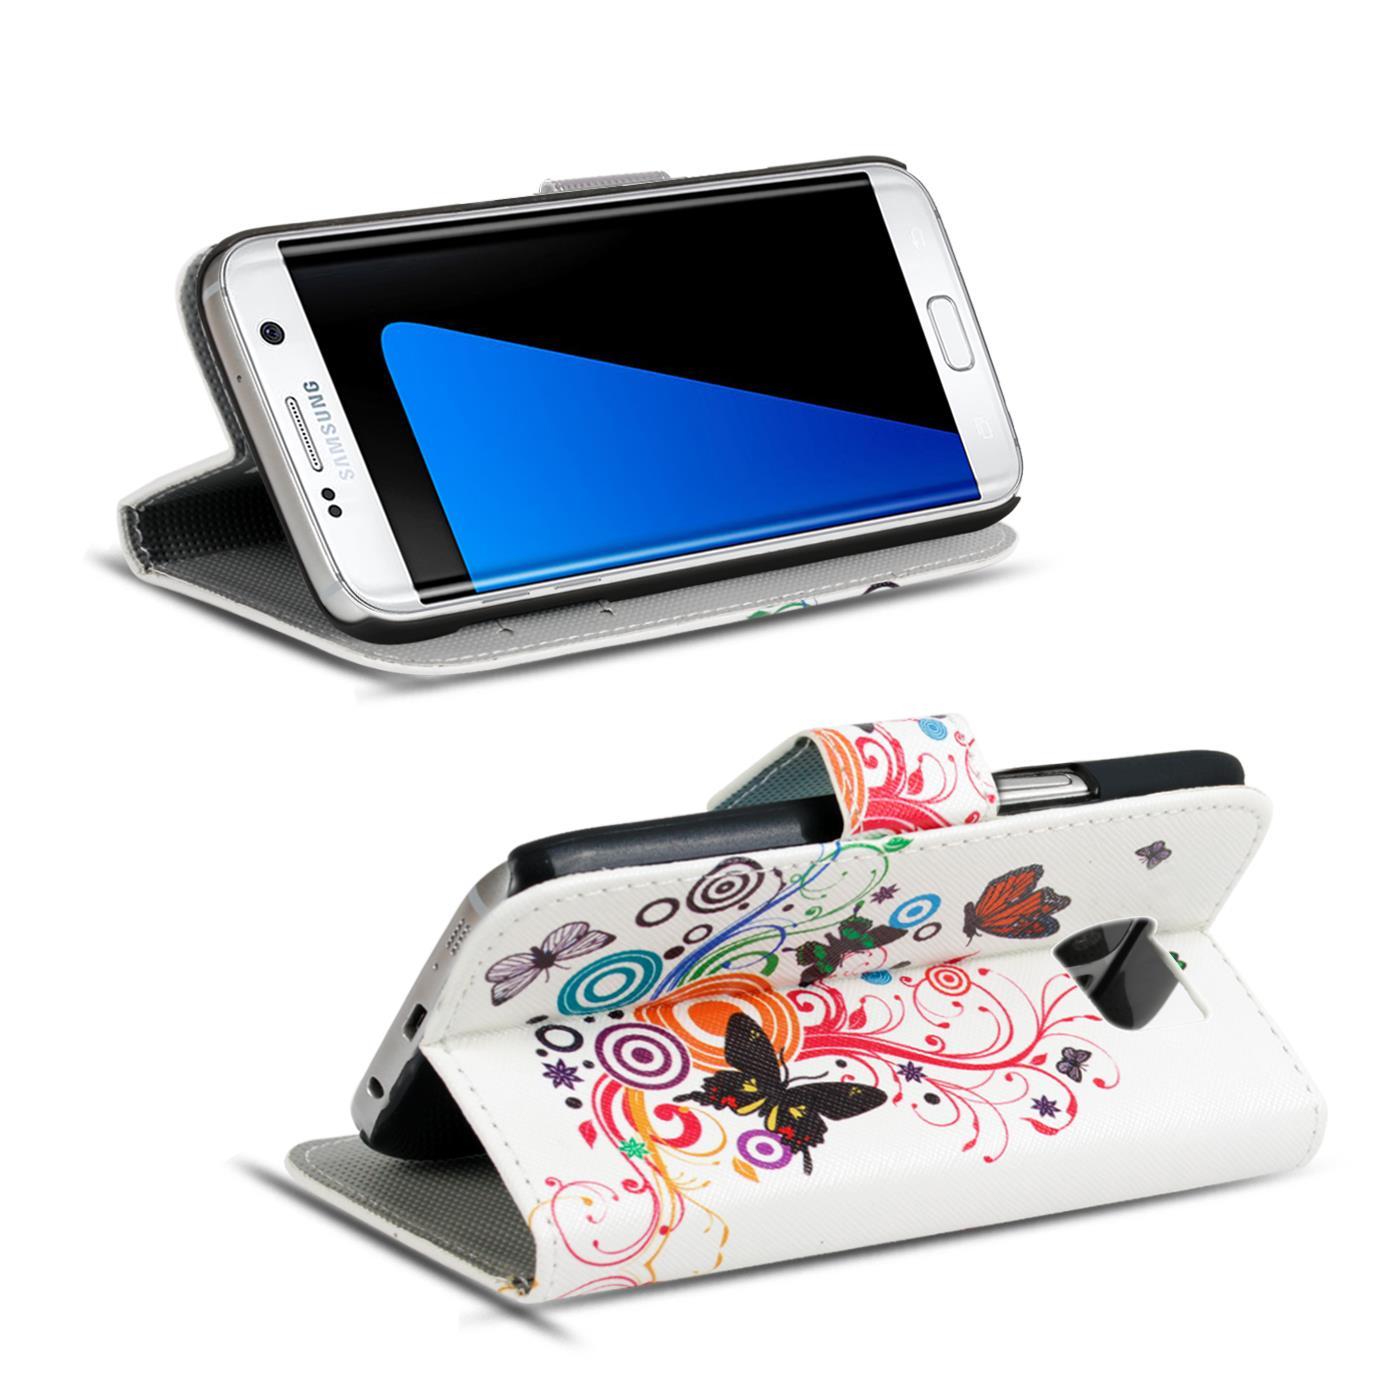 Schutz-Huelle-fuer-Samsung-Galaxy-Handy-Tasche-Flip-Cover-Wallet-Etui-Case-Schale Indexbild 21